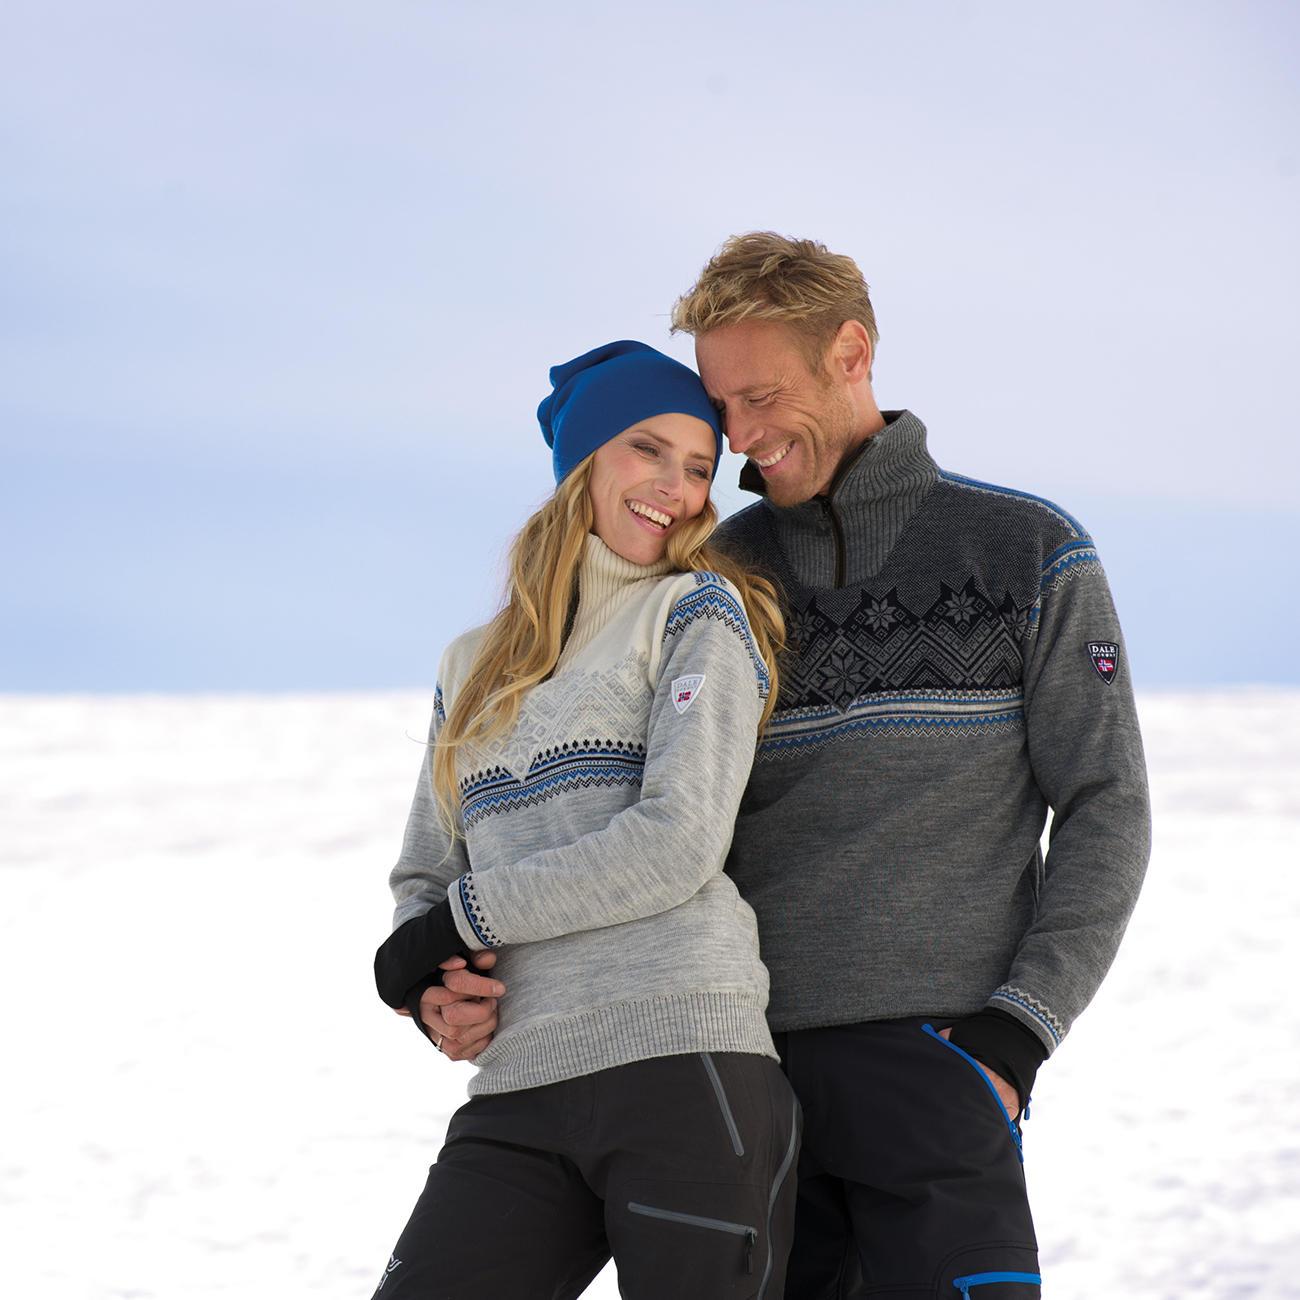 norweger pullover glittertind f r damen und herren kaufen. Black Bedroom Furniture Sets. Home Design Ideas